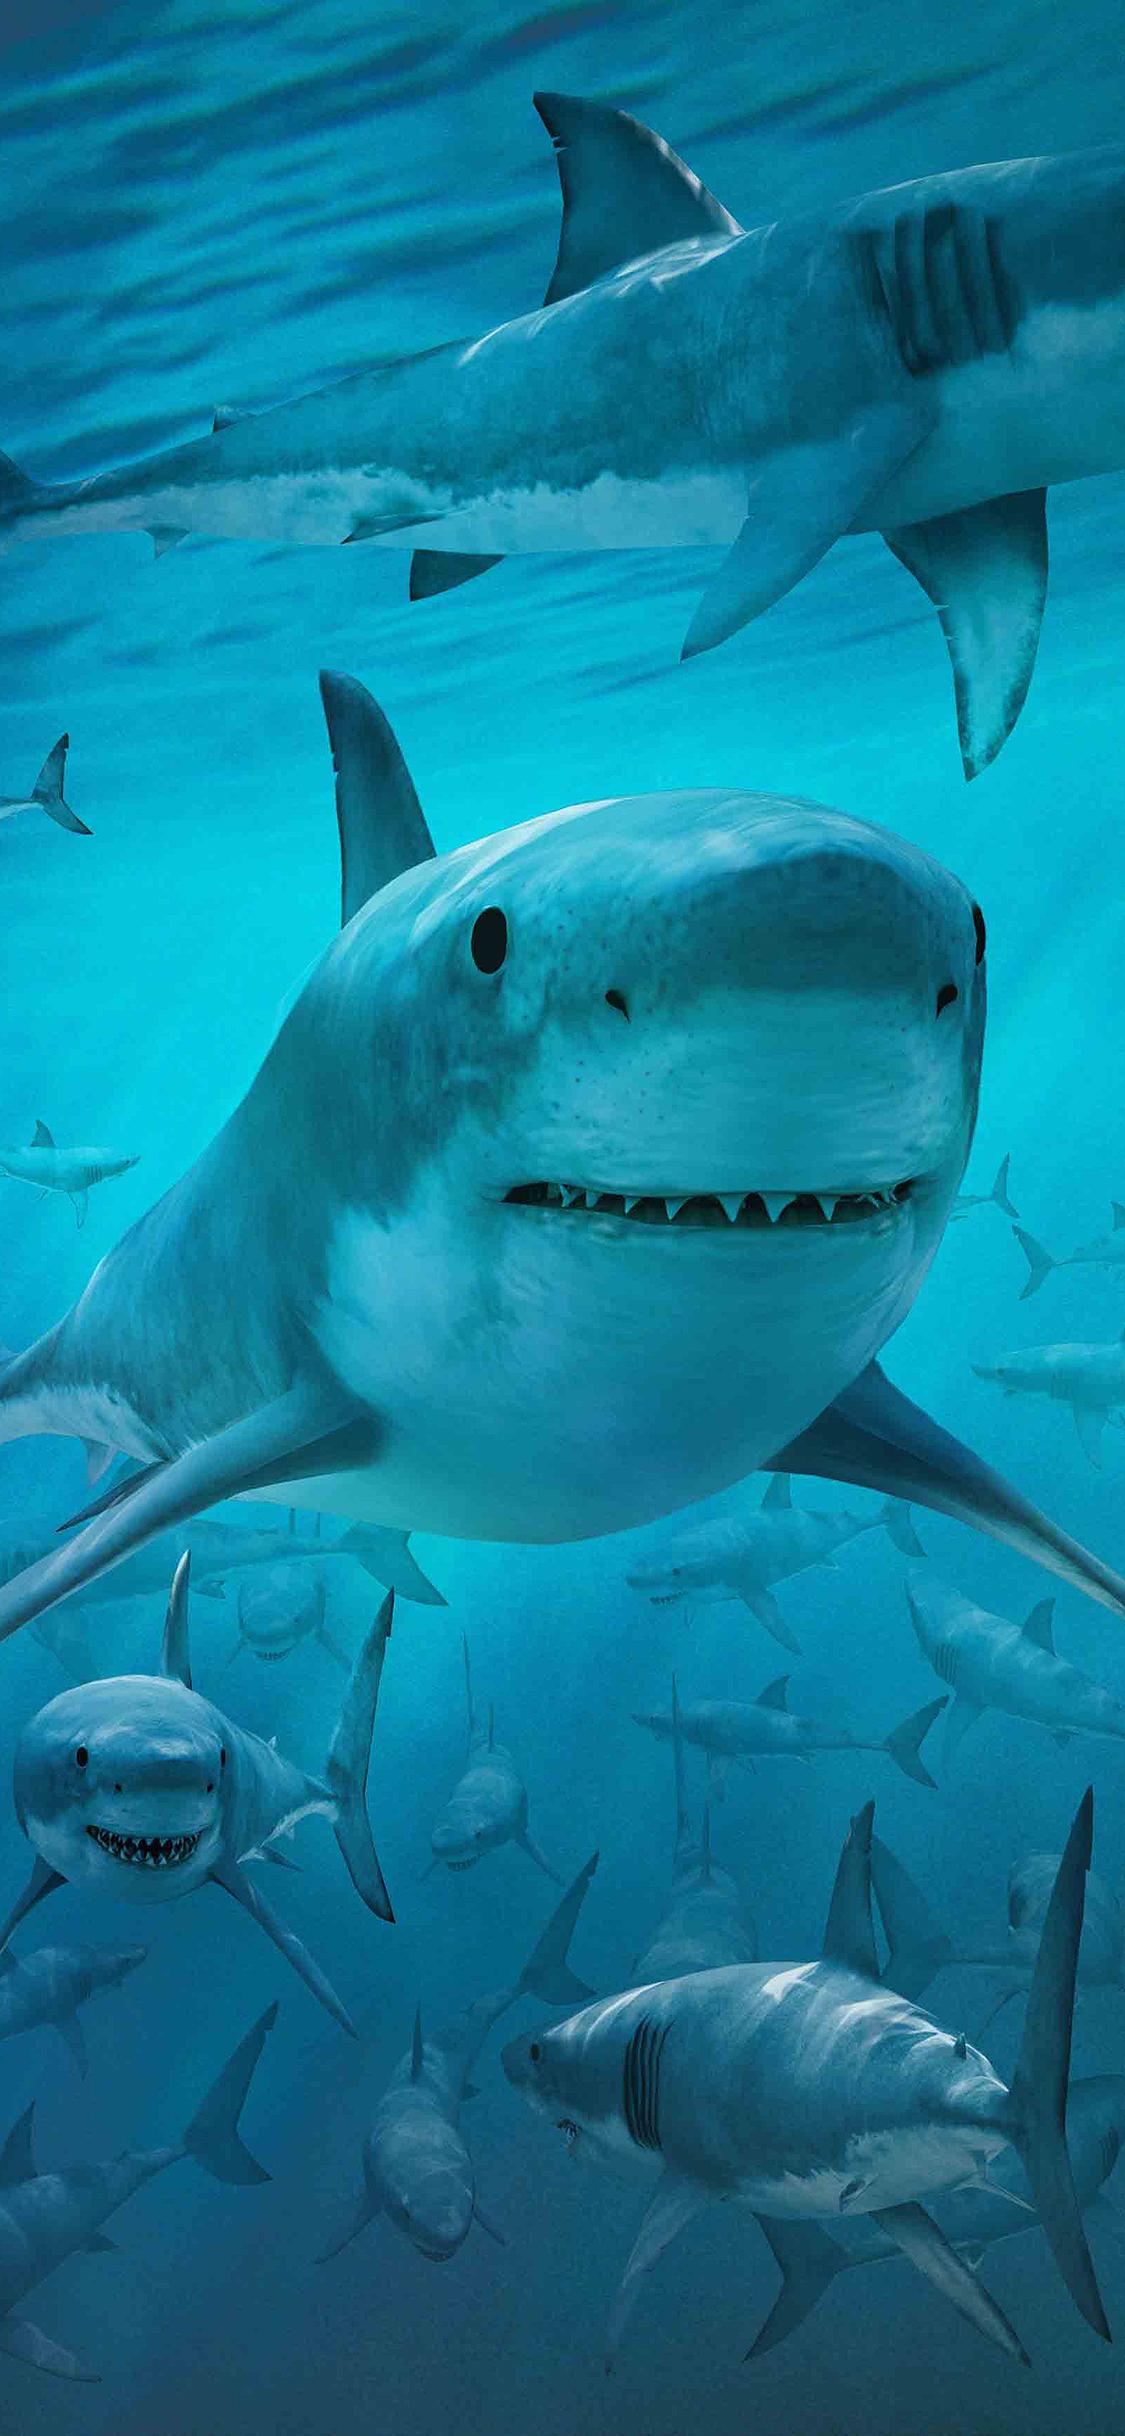 海底鱼类 海底世界 海底动物 鱼群 石头 海底图片 鱼类 生物世界 海底图片